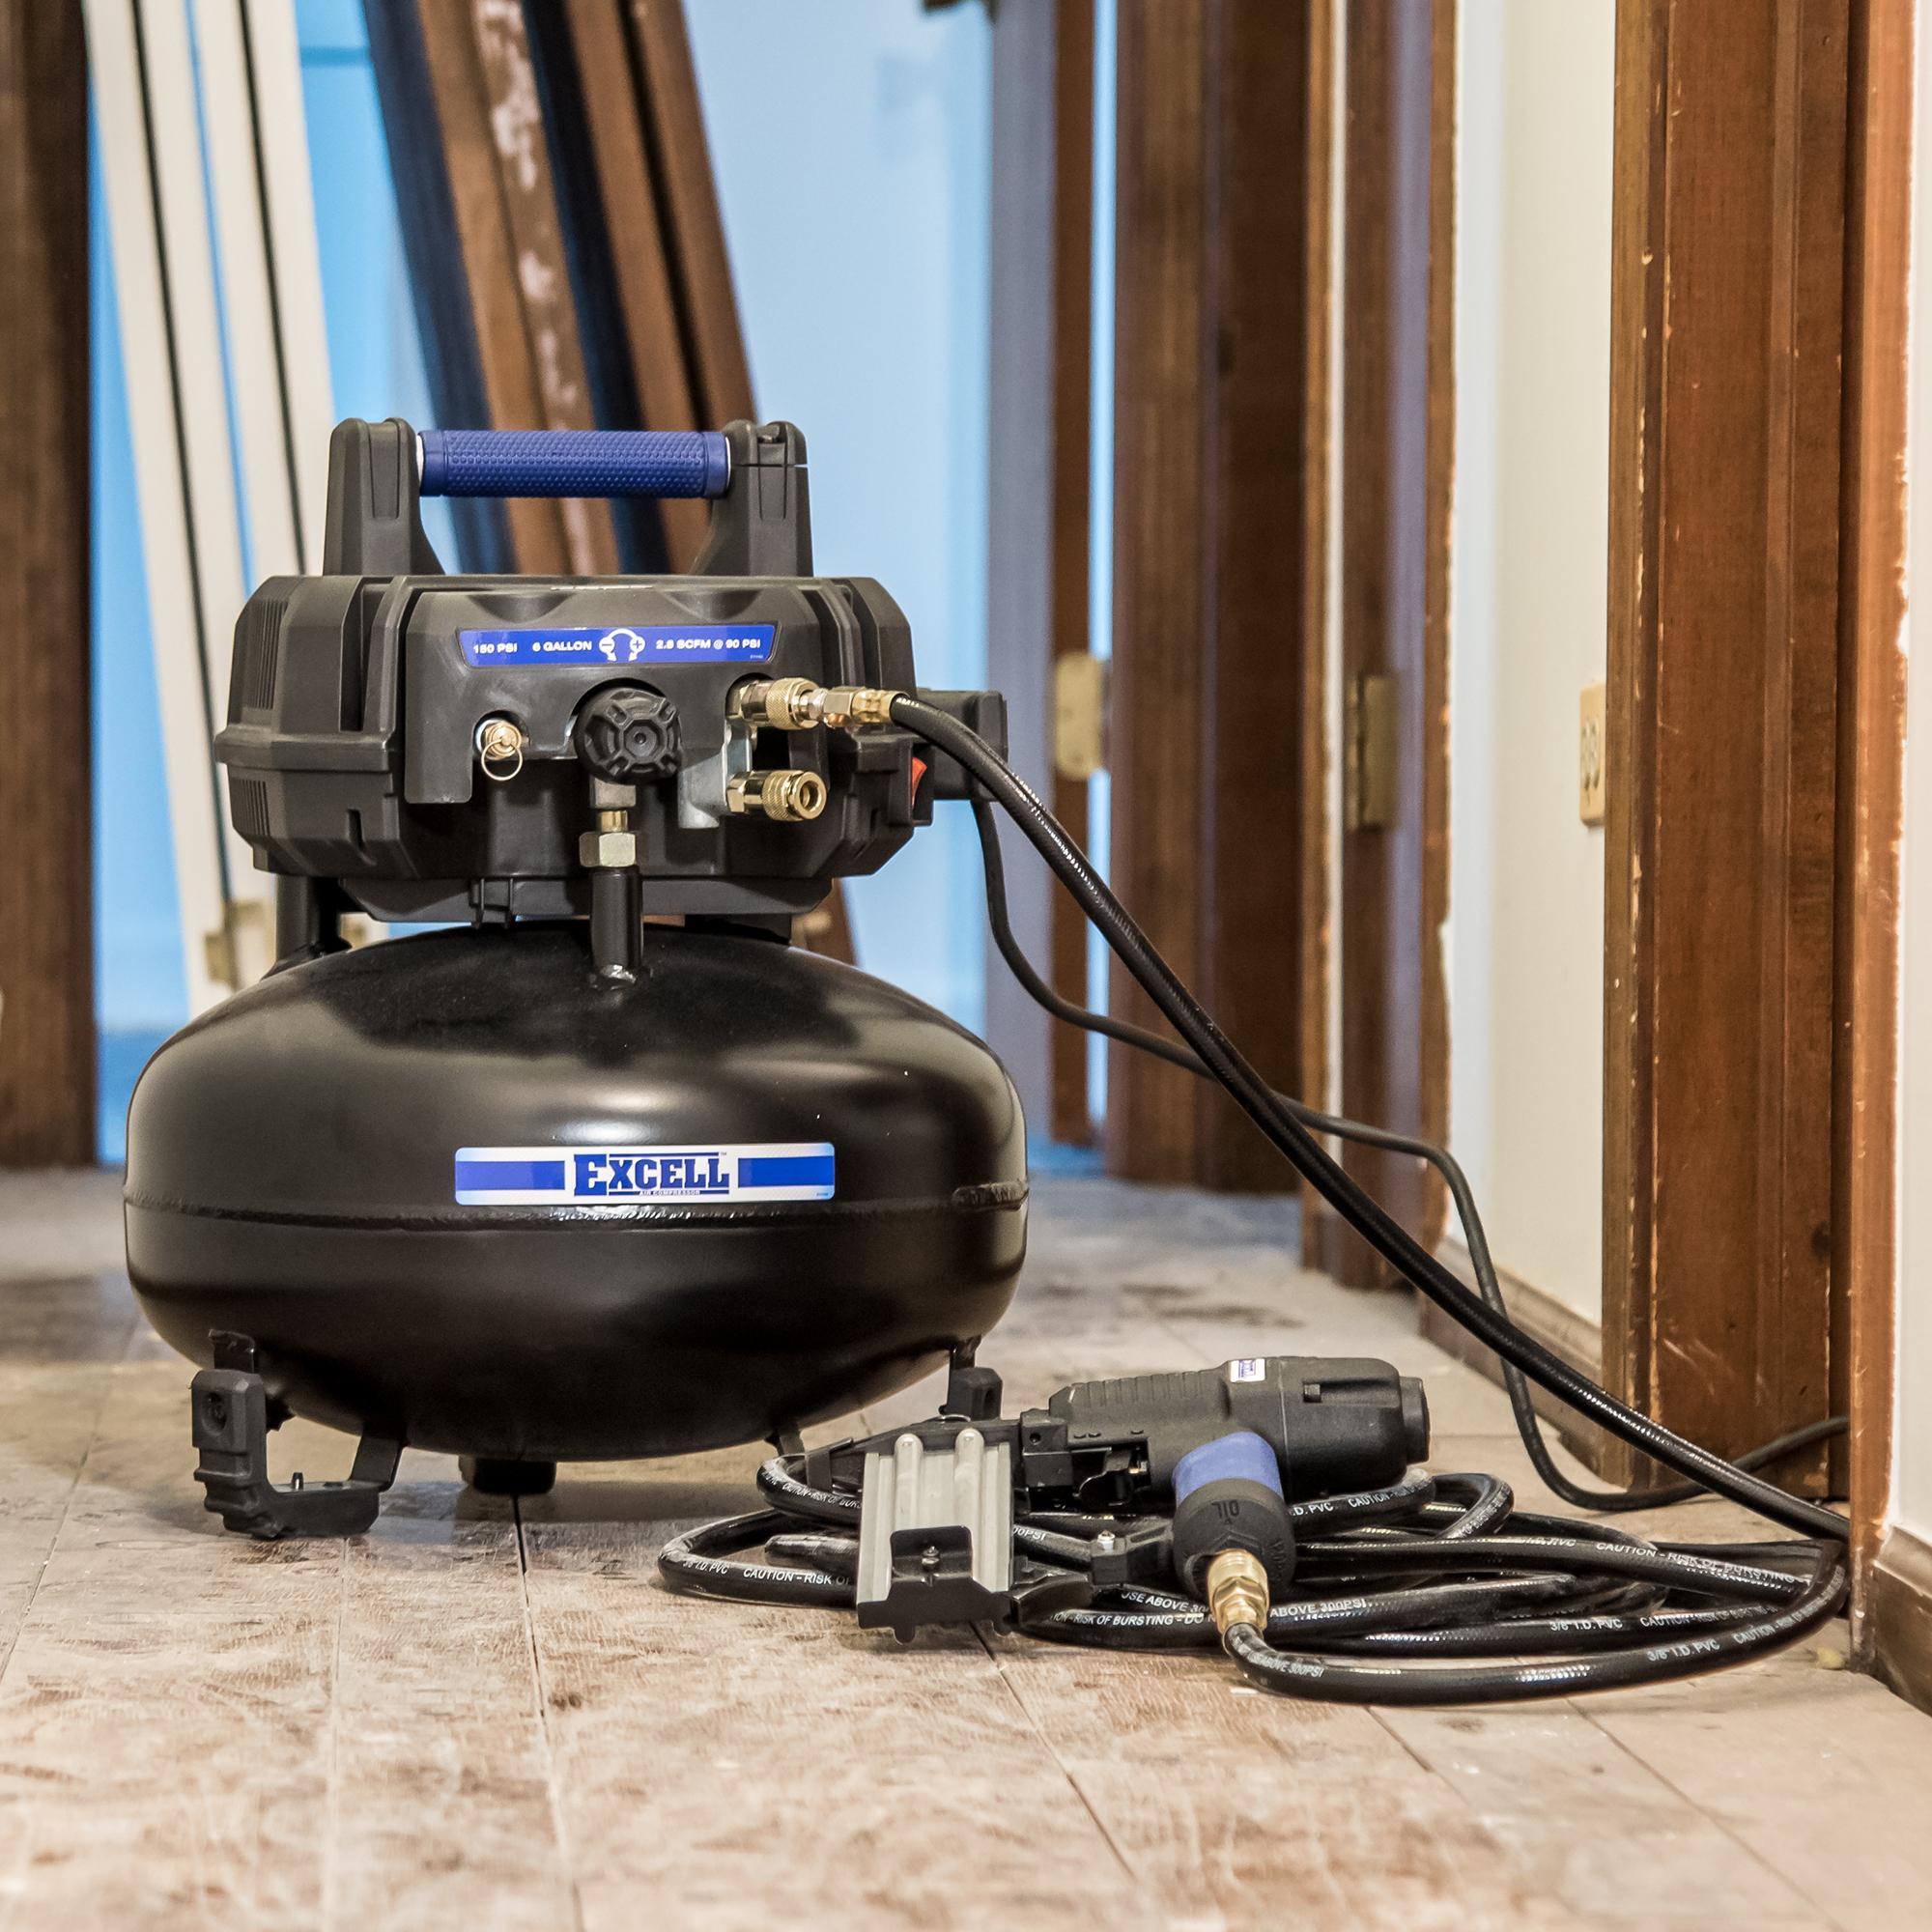 Amazon.com: Excell U256PPE 6 Gallon Pancake Air Compressor